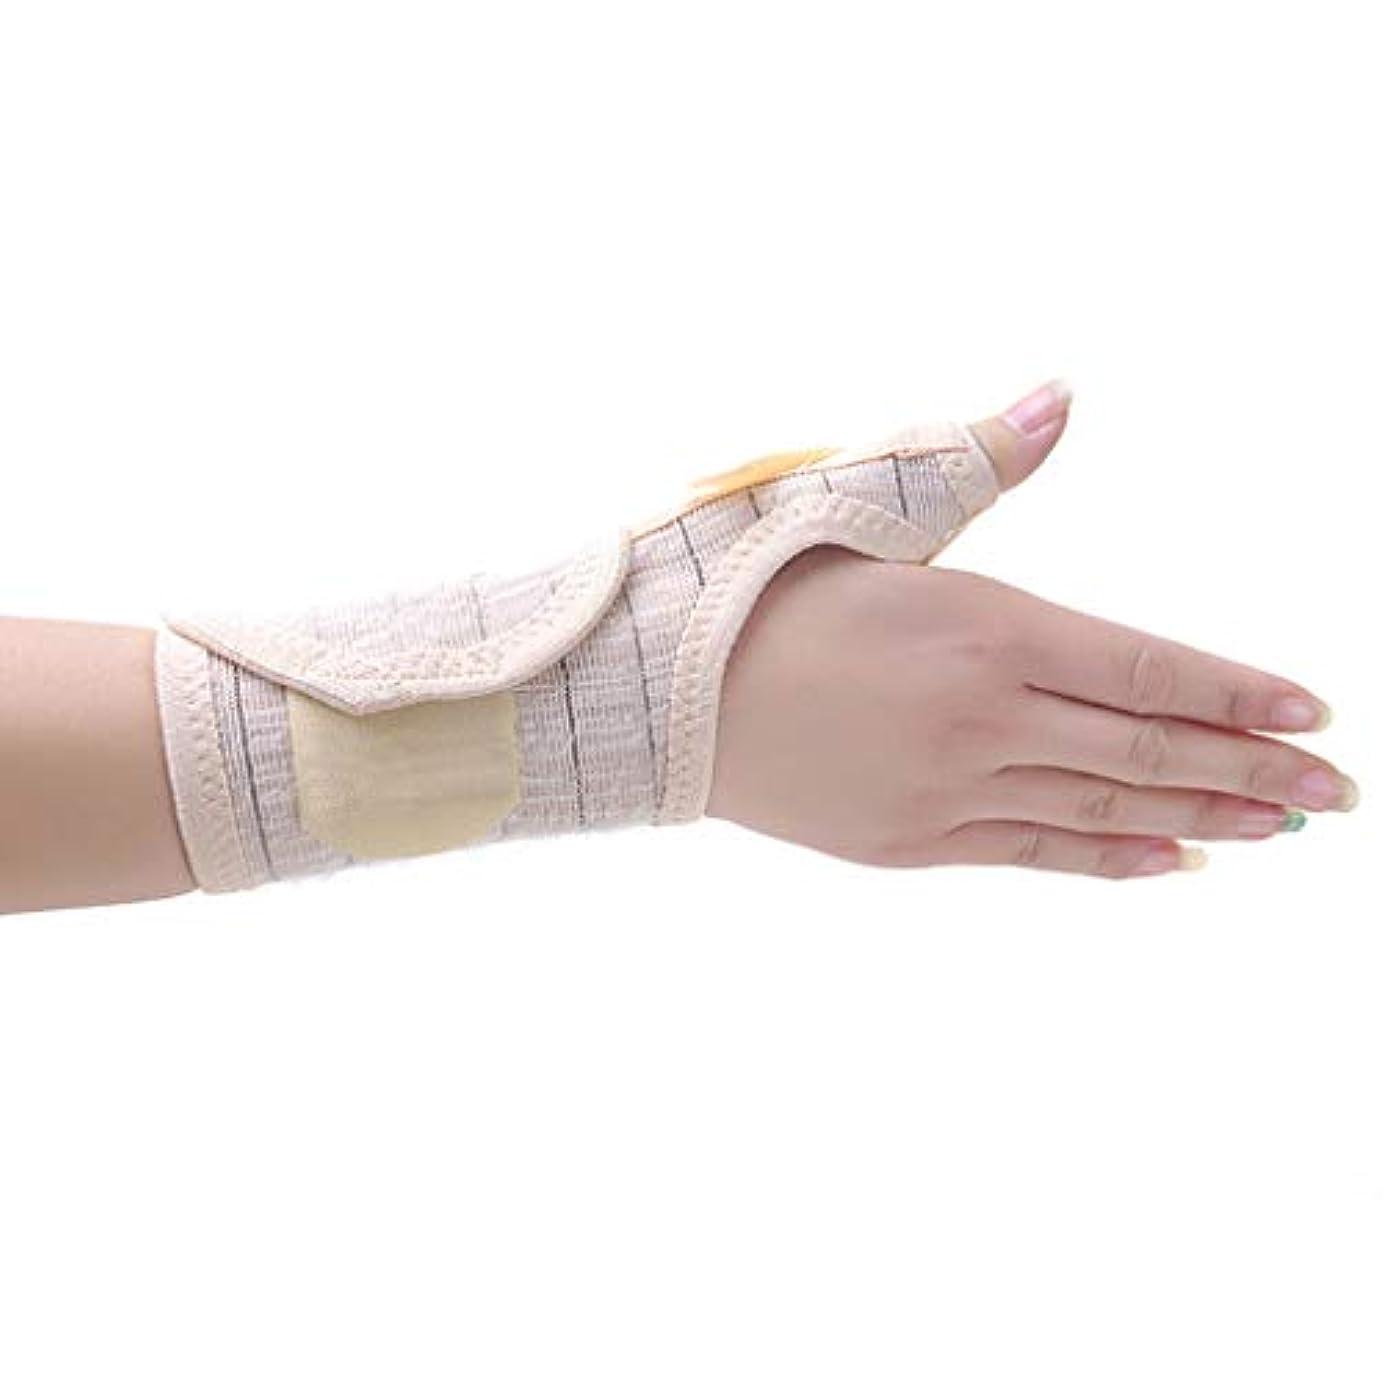 コンサルタントケージ暴君手首のストラップ、ワンサイズ、ハンドサポート、左手/右手、手首を保護、腿を捻挫、手首をサポート、手根管、関節炎。